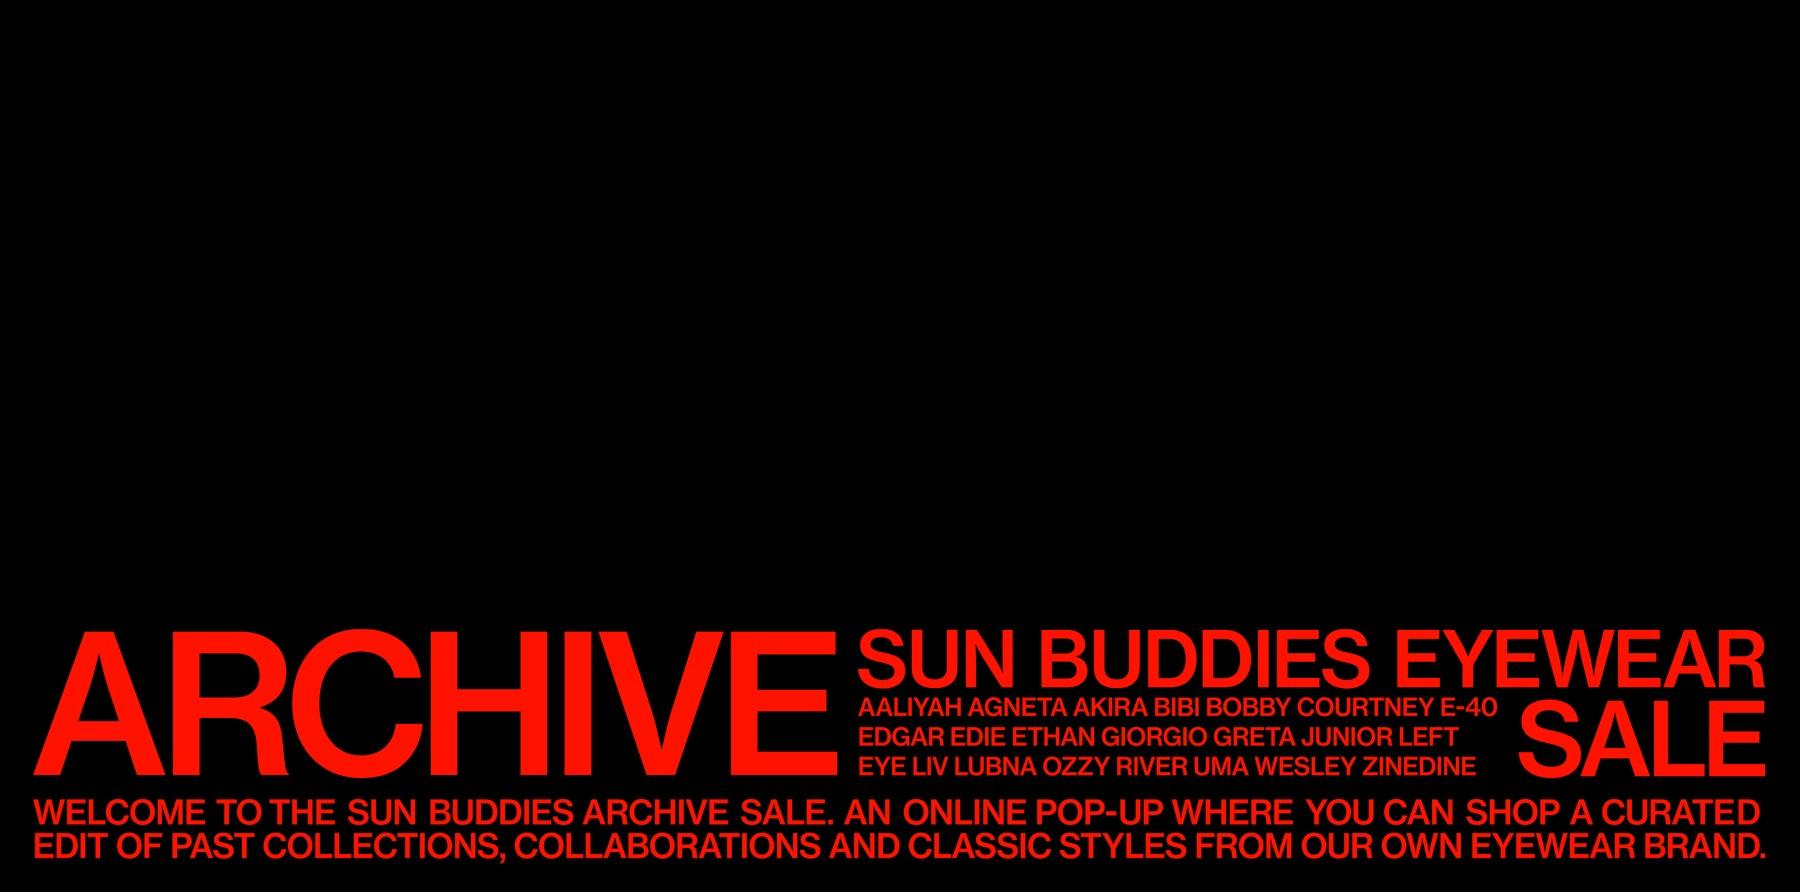 sun-buddies-archive-sale.png